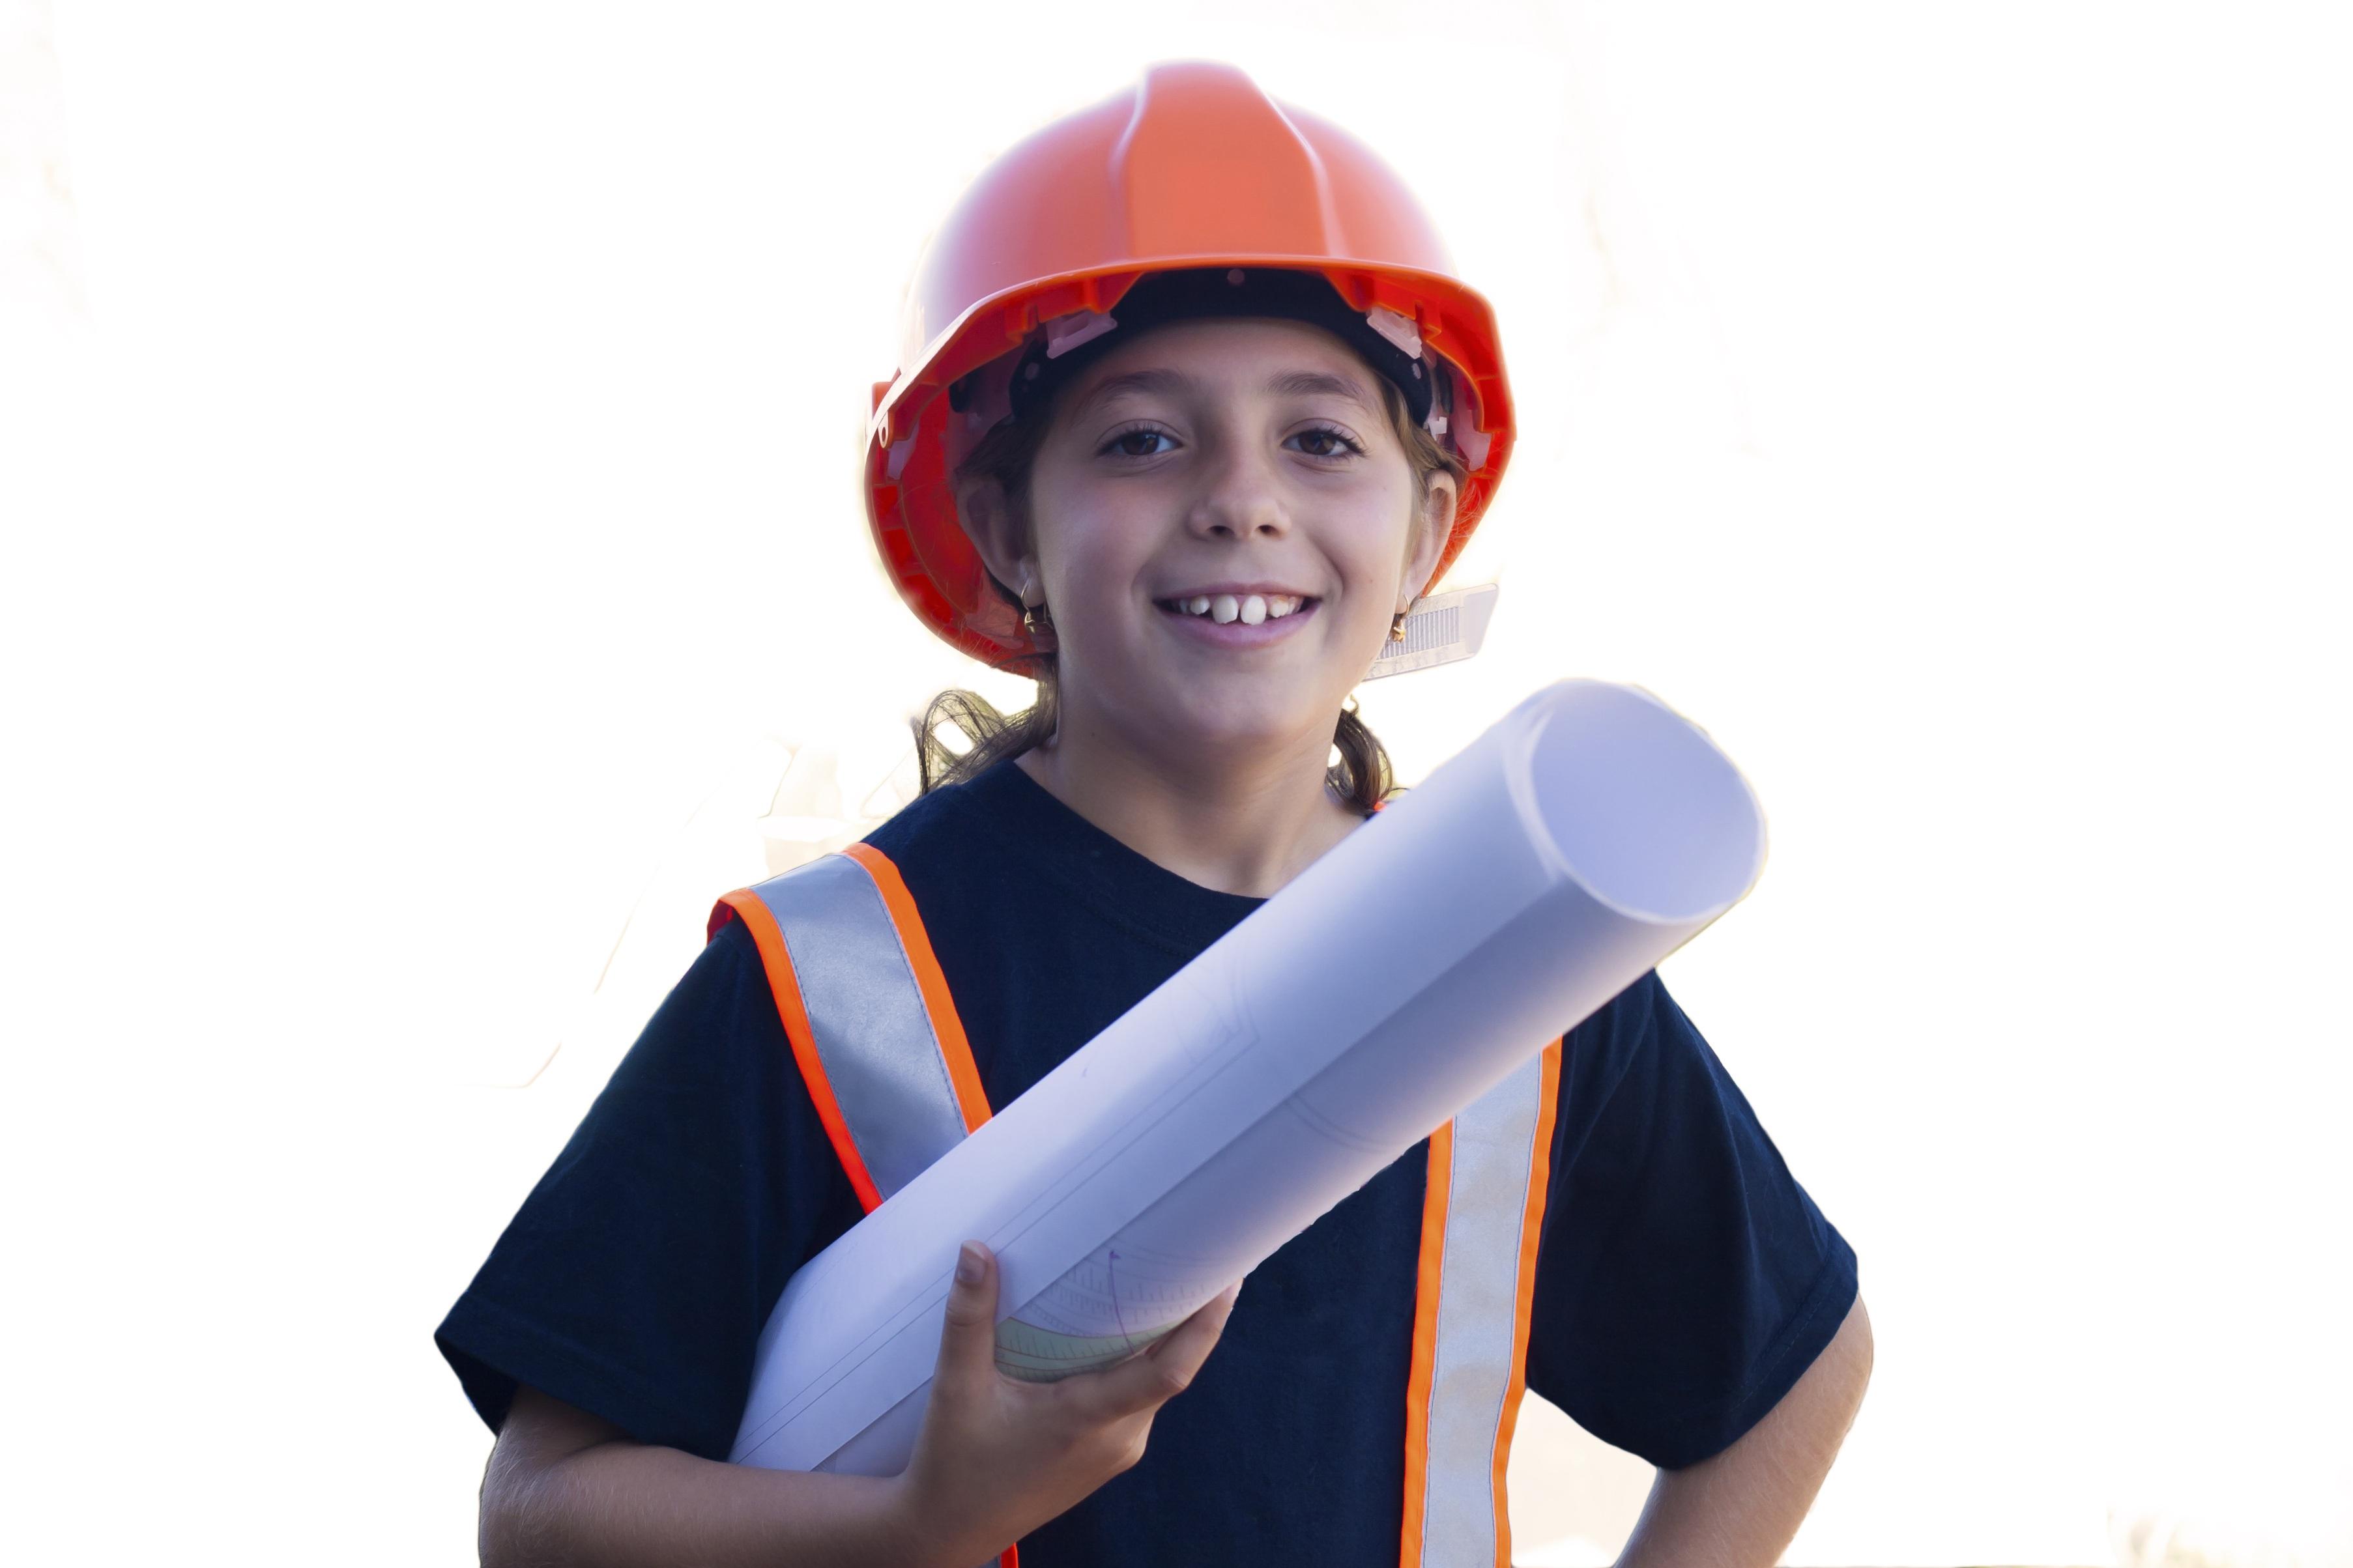 Картинки труда несовершеннолетних